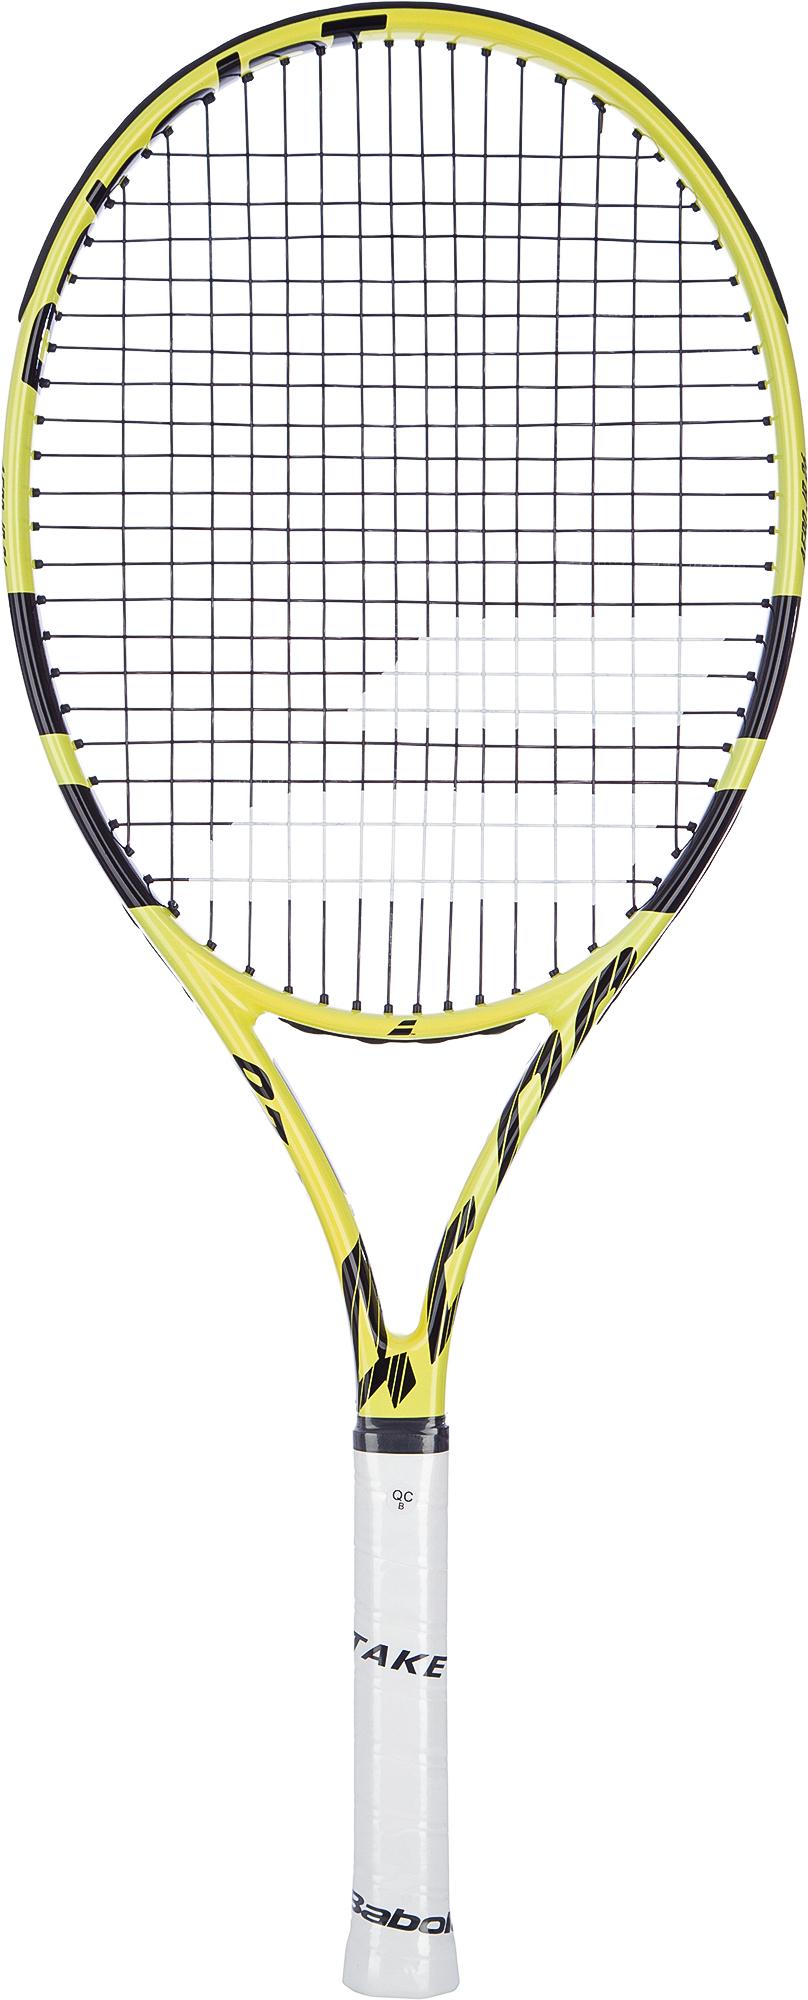 Babolat Ракетка для большого тенниса детская Babolat AERO JUNIOR 26 babolat ракетка для большого тенниса детская babolat ballfighter 23